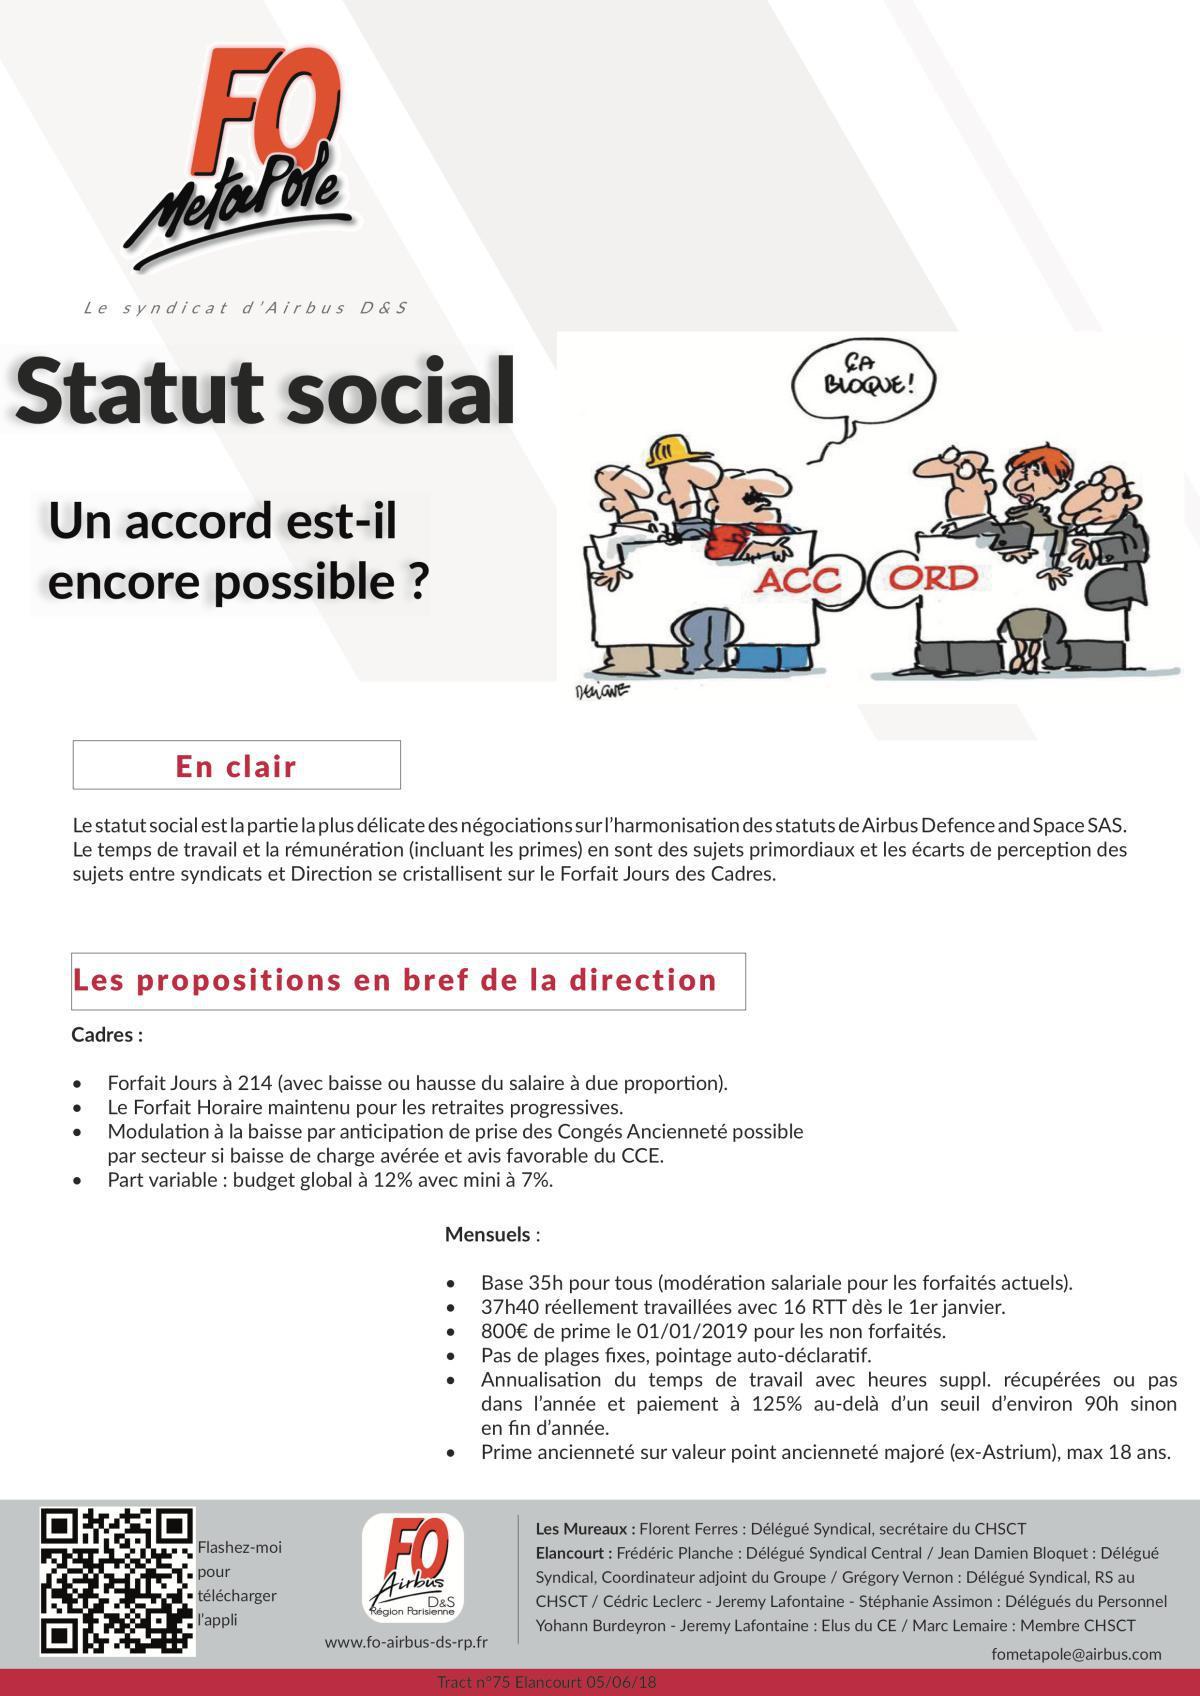 Un accord Statut Social est-il encore négociable chez Airbus DS ?